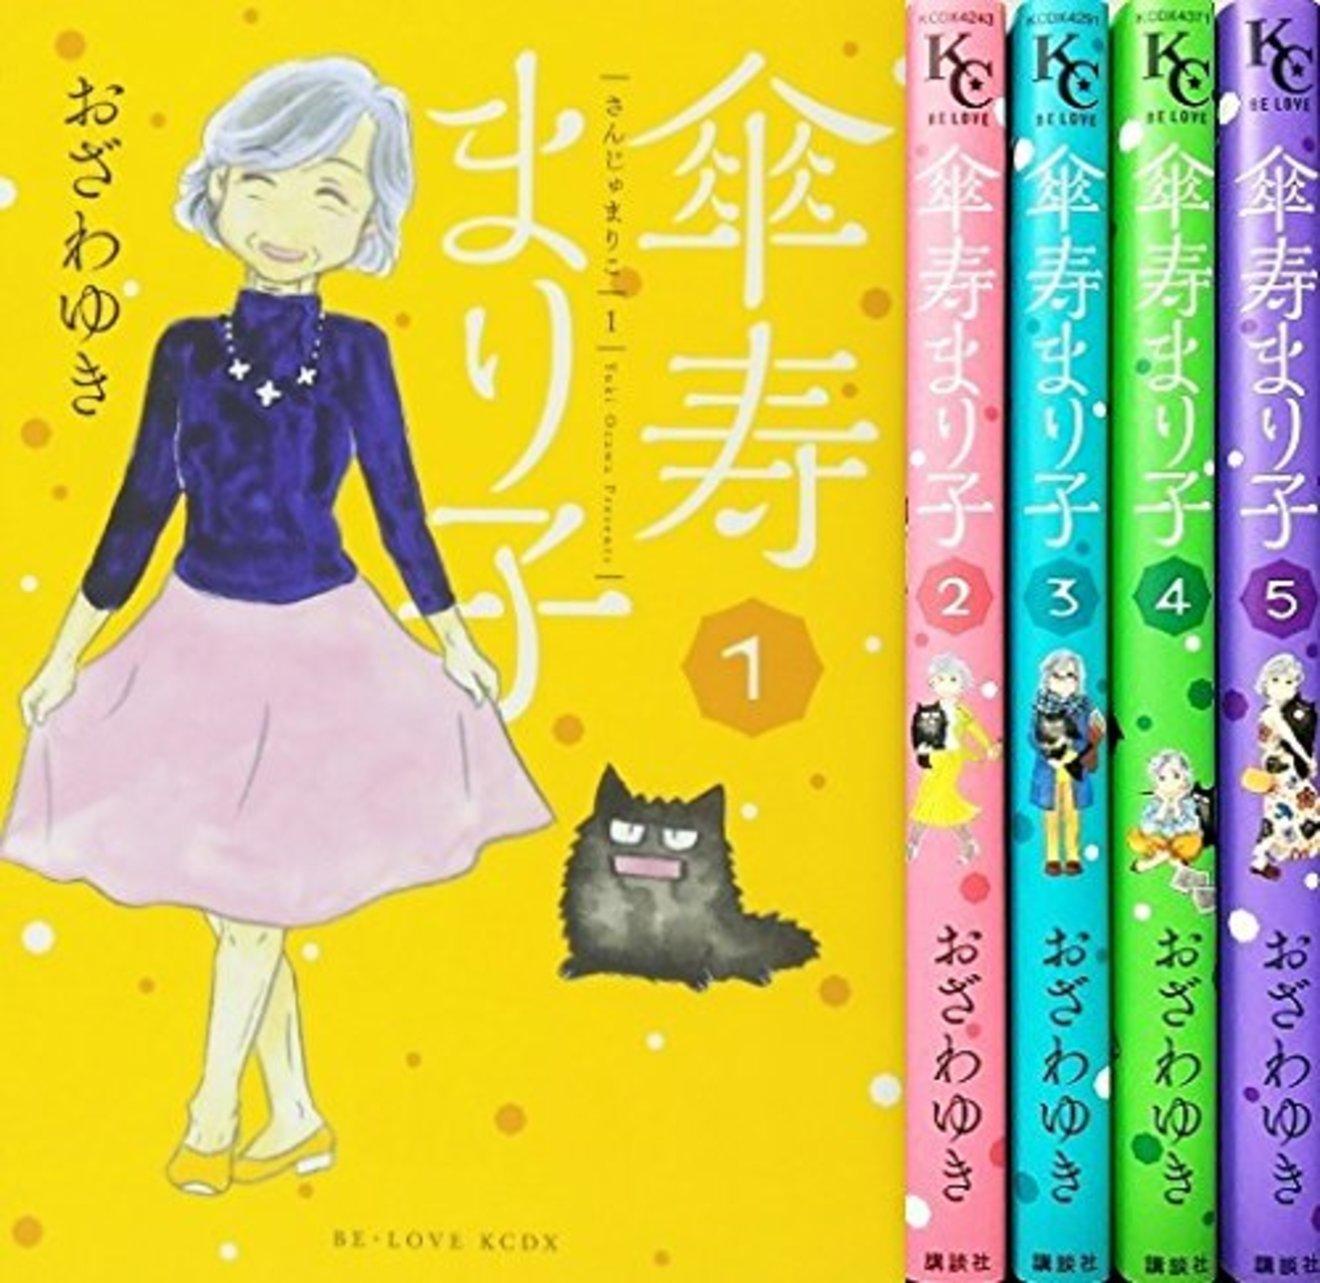 『傘寿まり子』の見所を全巻ネタバレ紹介!孤独死から始まる80歳の物語?